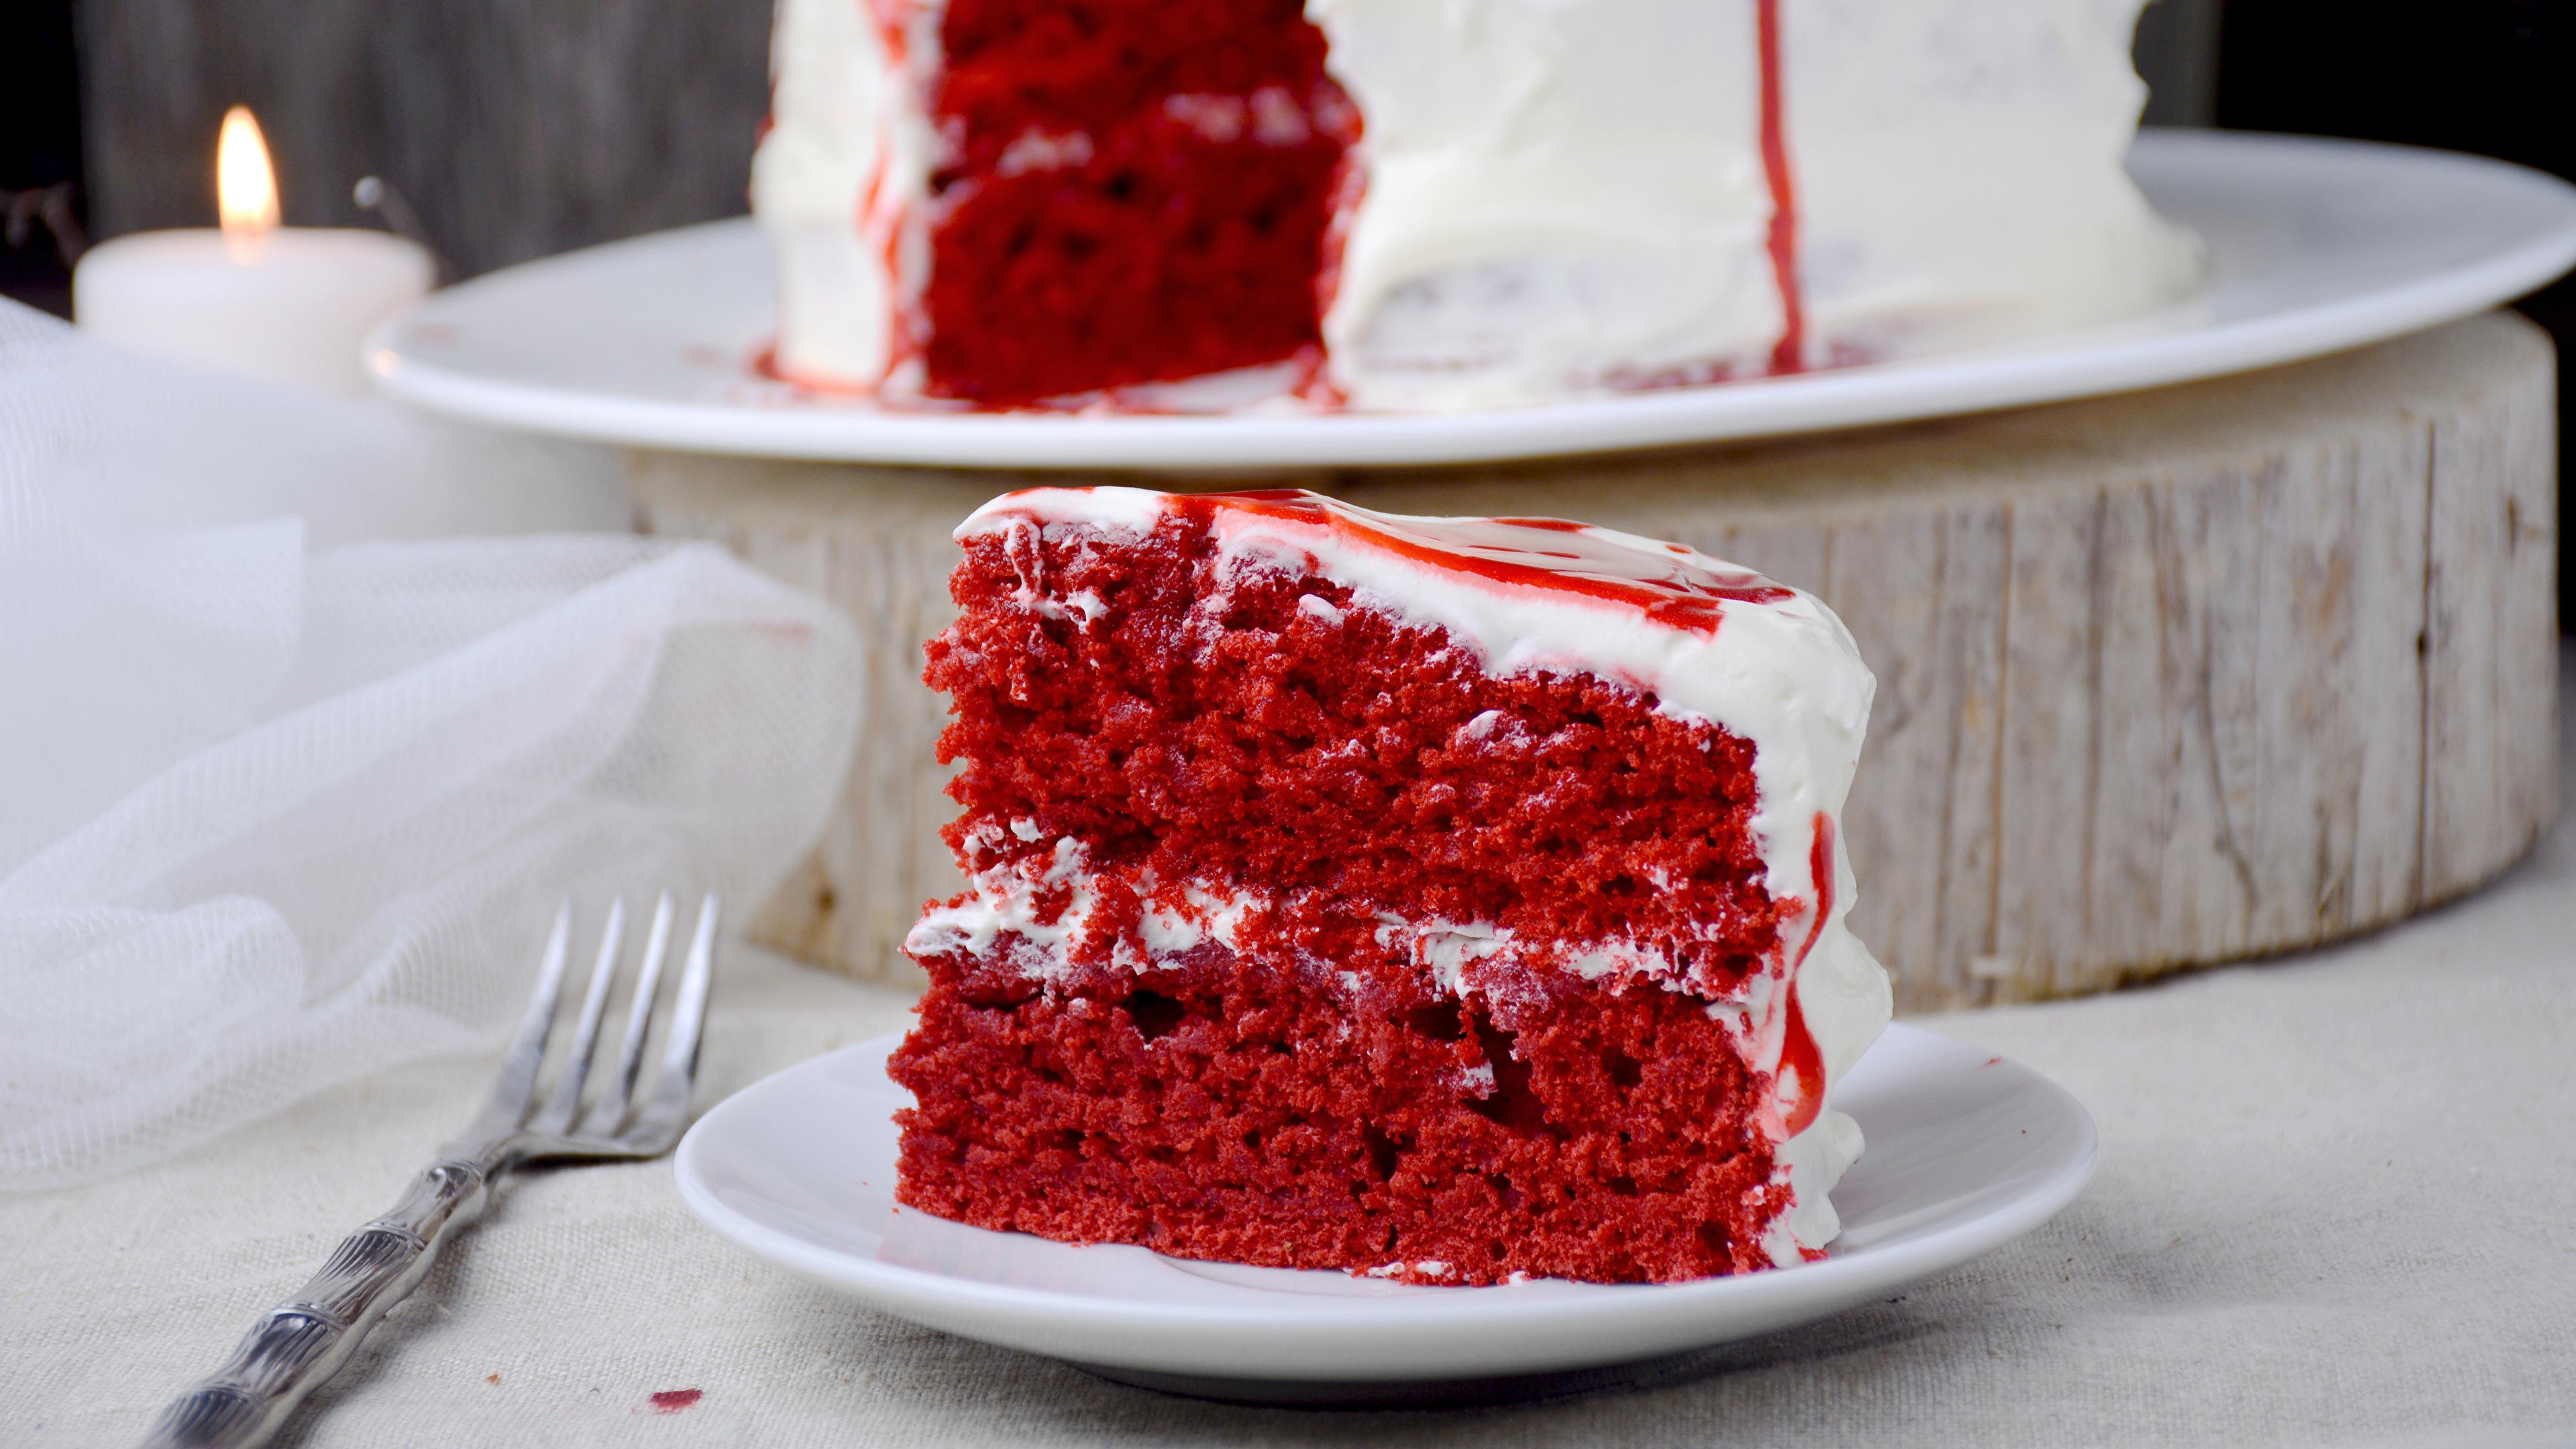 Картинки Торты красных кусочки Продукты питания 3840x2160 Красный красные красная часть Кусок кусочек Еда Пища